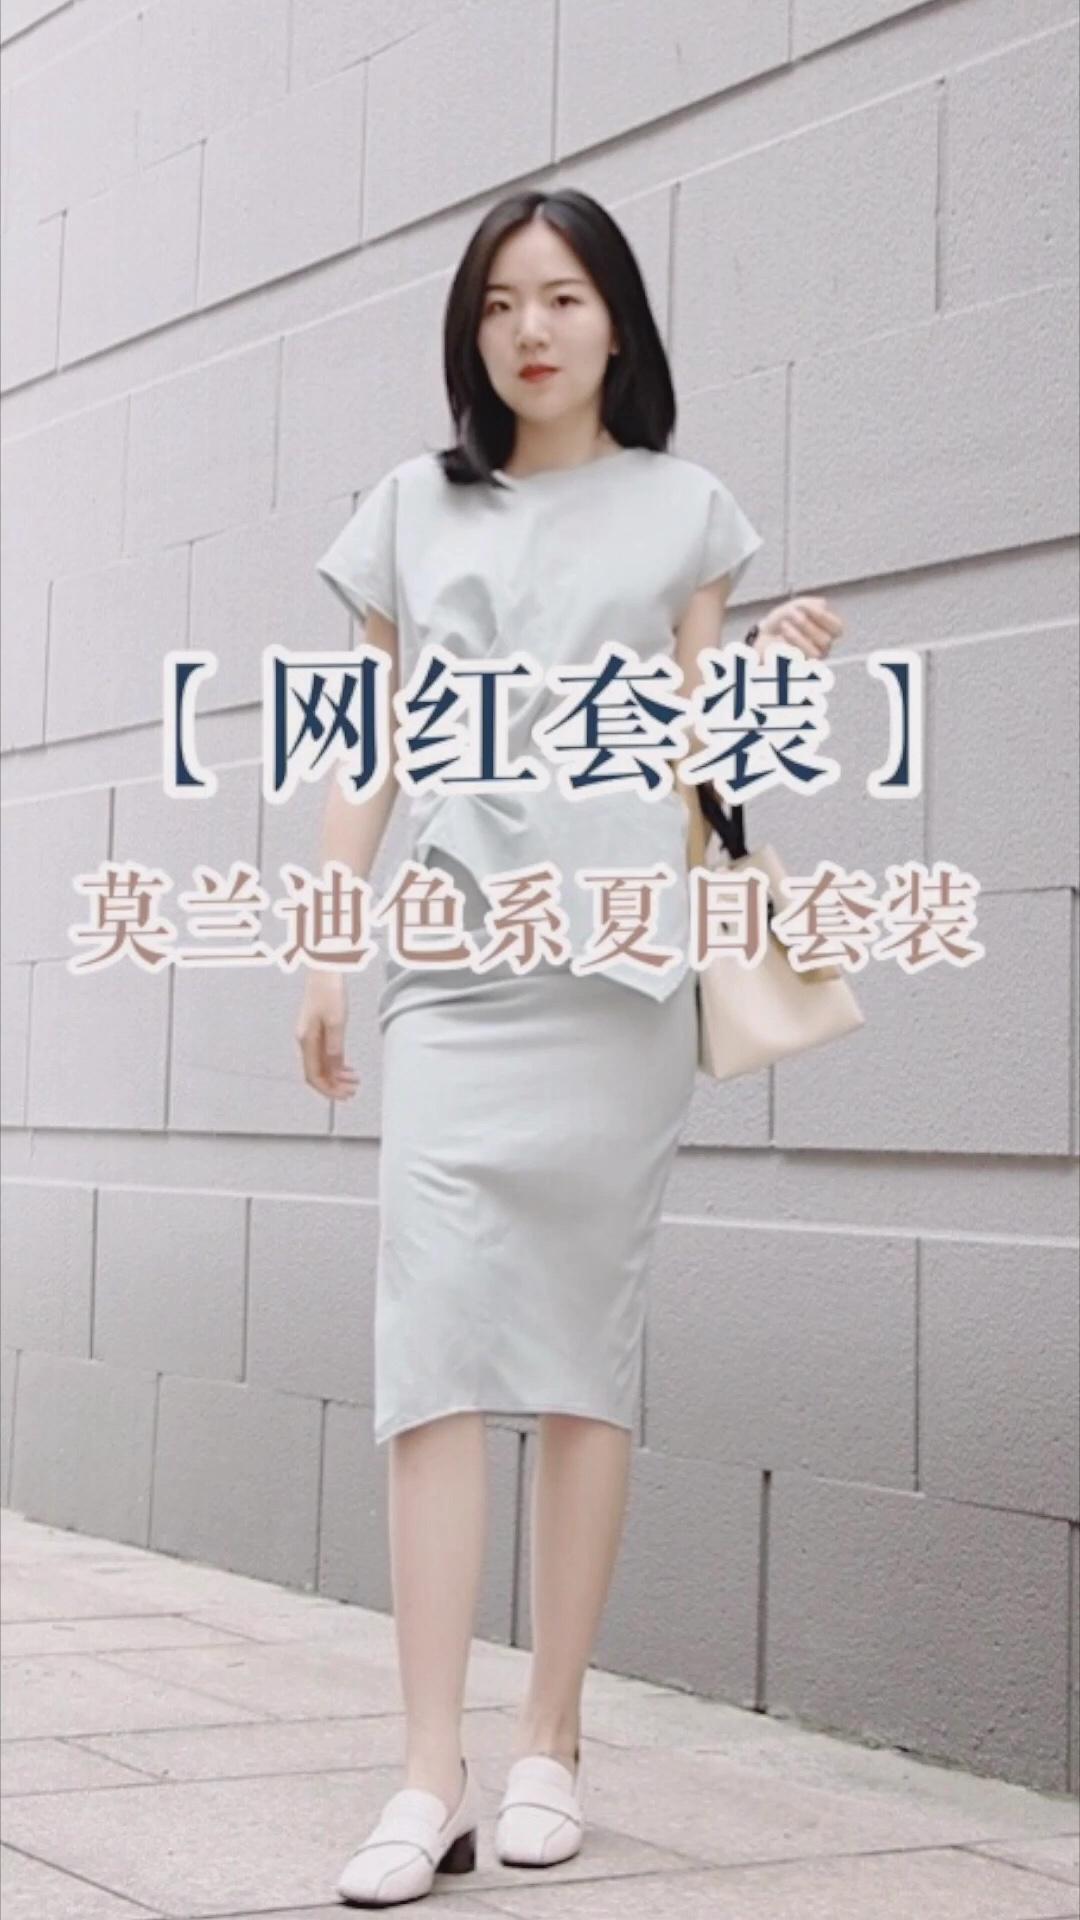 #不得不盘的网红王牌套装#  不得不盘的网红店套装~这套上身还是很不错的!薄荷绿的上衣加半裙,上衣有做一点褶皱设计,让纯色套装更有看点,裙子相对修身,会显得身材更好,除了甜美风其实这种简约气质感的搭配也很适合约会穿着~